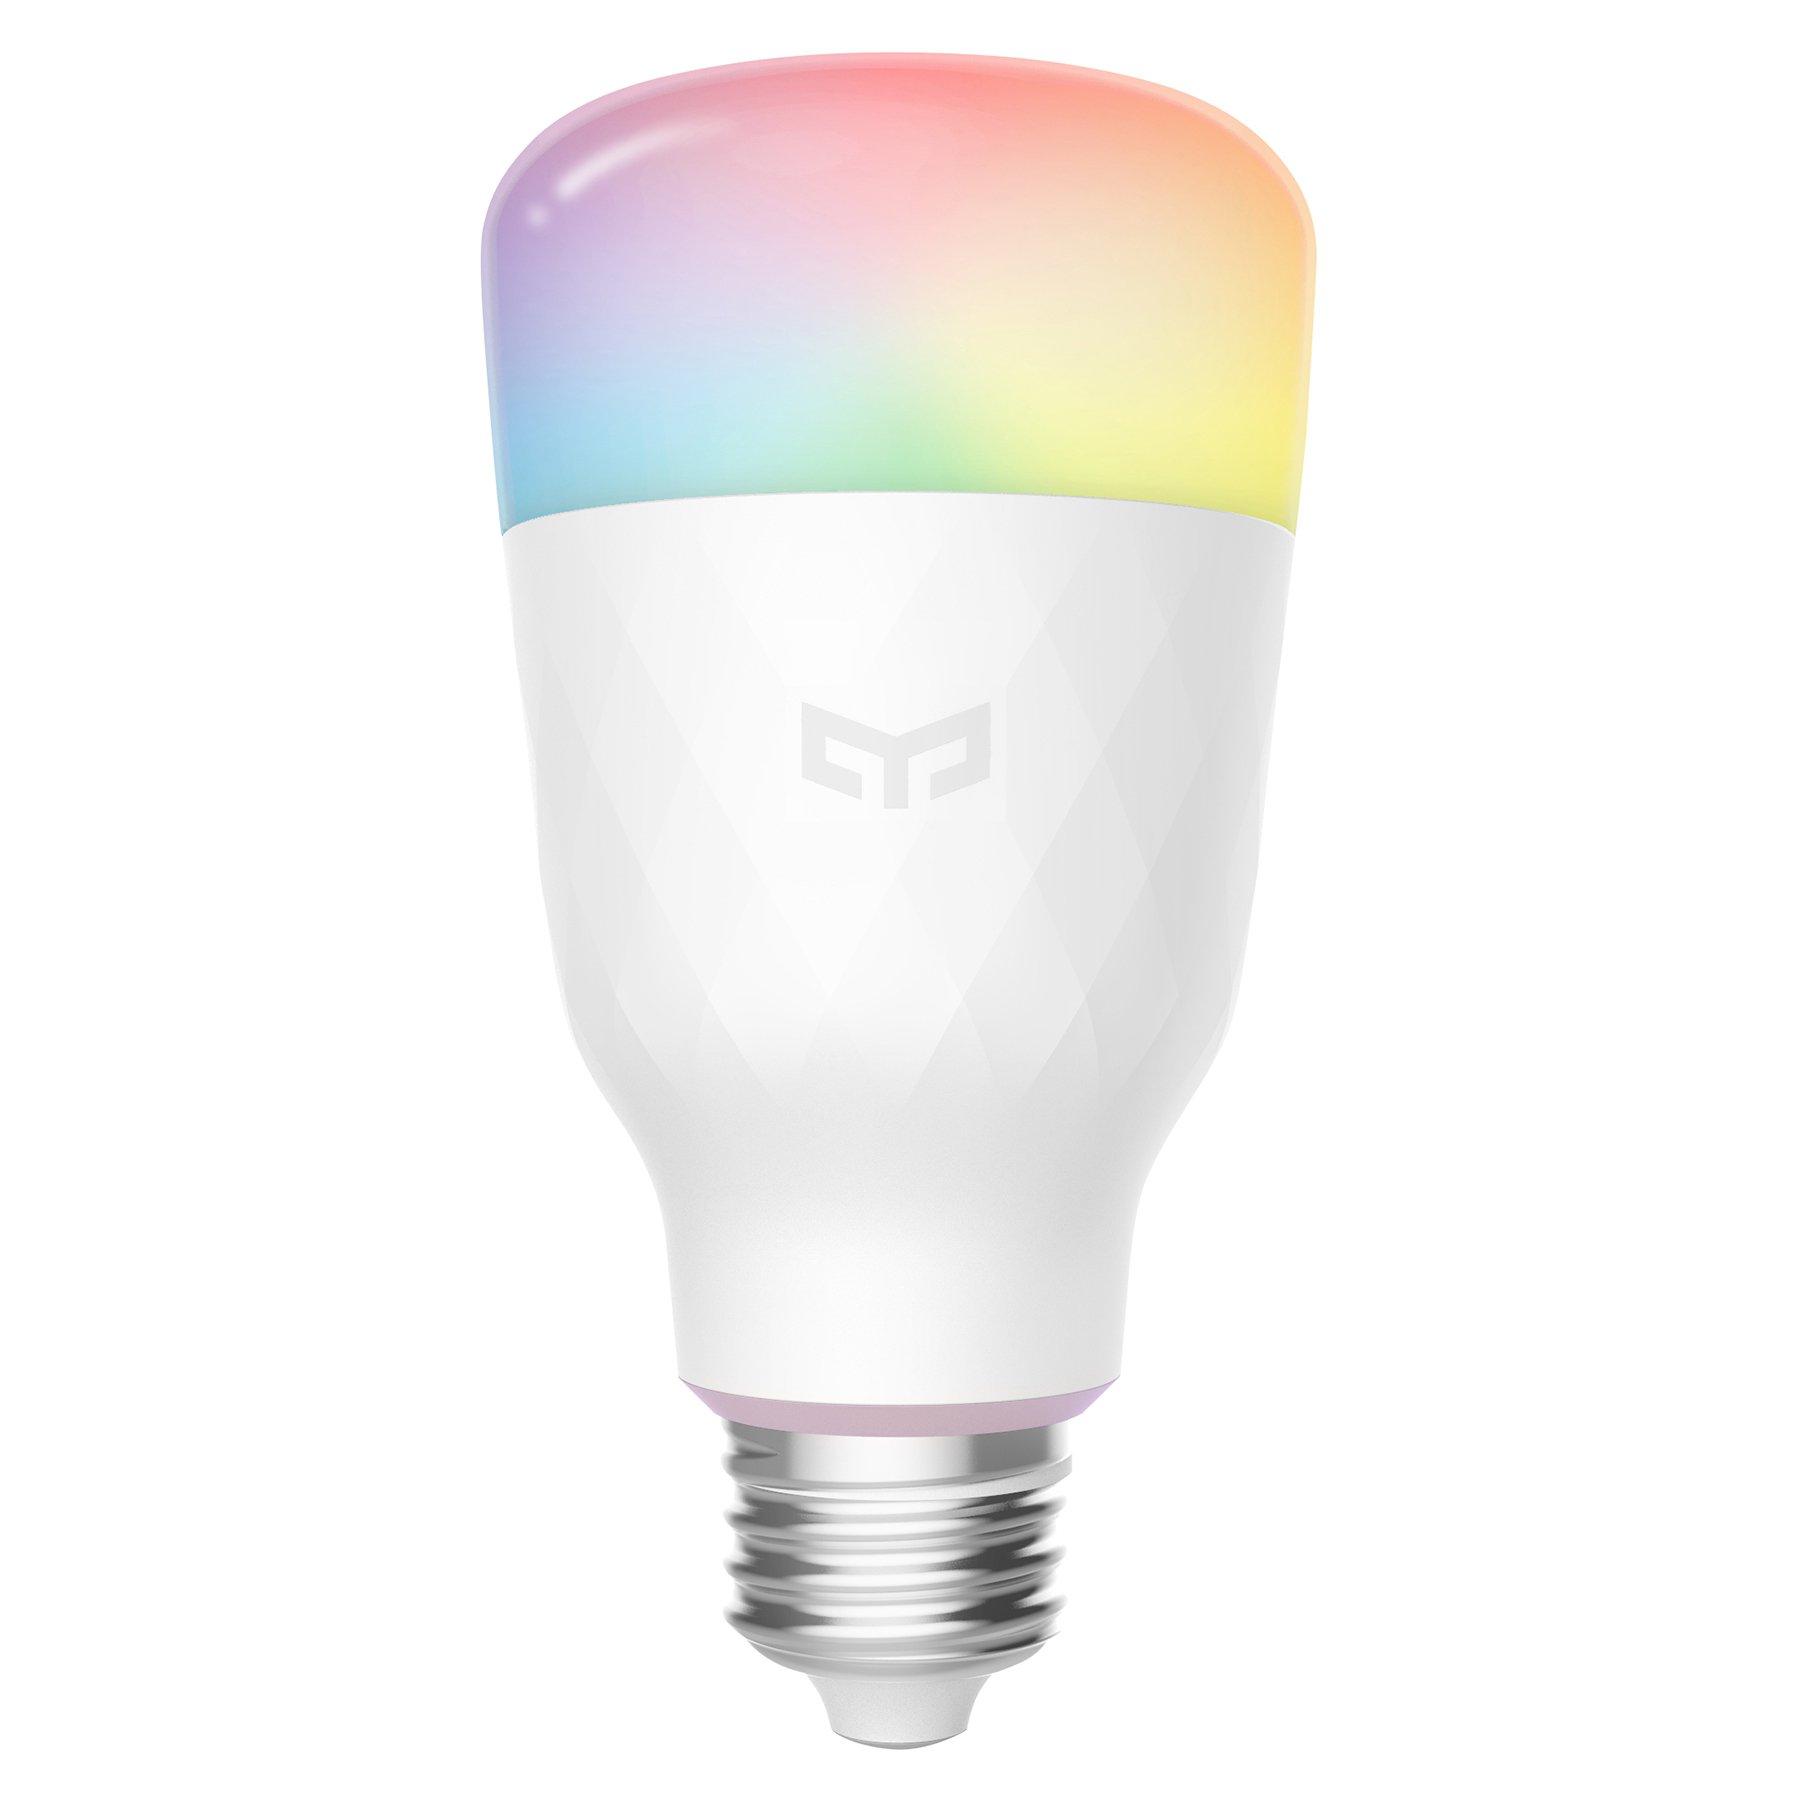 Yeelight Smart LED-pære E27 1S Color, 8,5W, dimbar